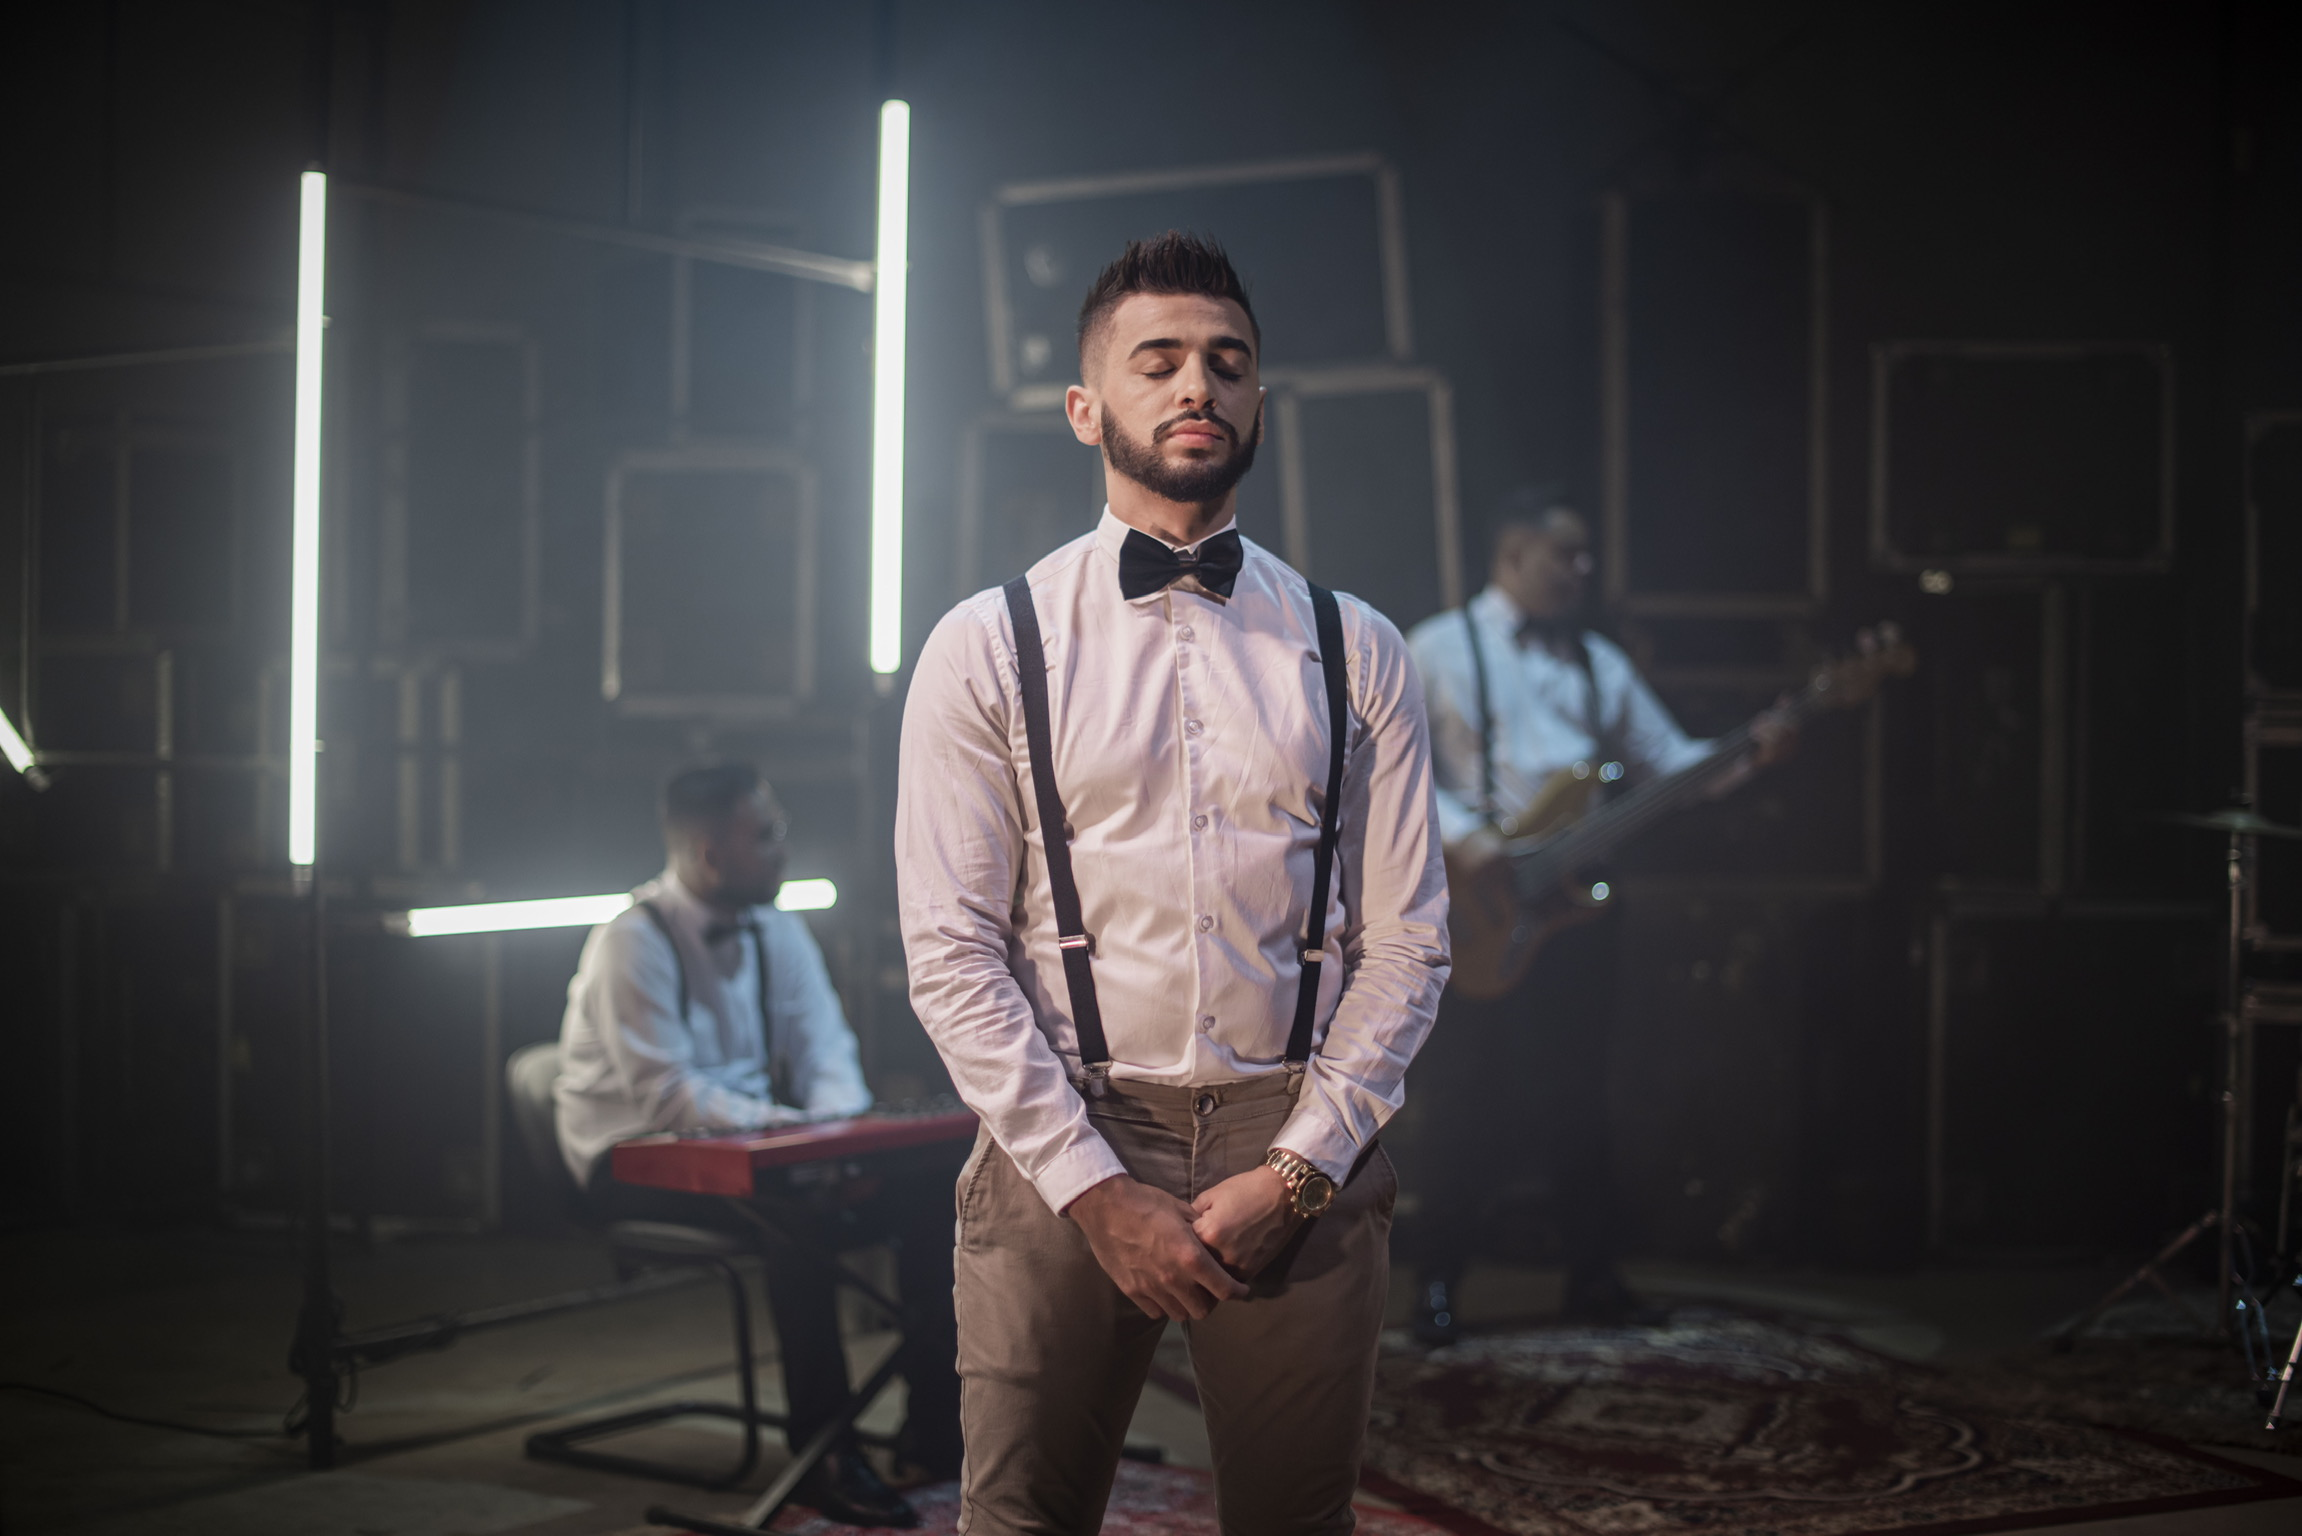 Pedro Miranda emociona com música em homenagem aos pais que se foram